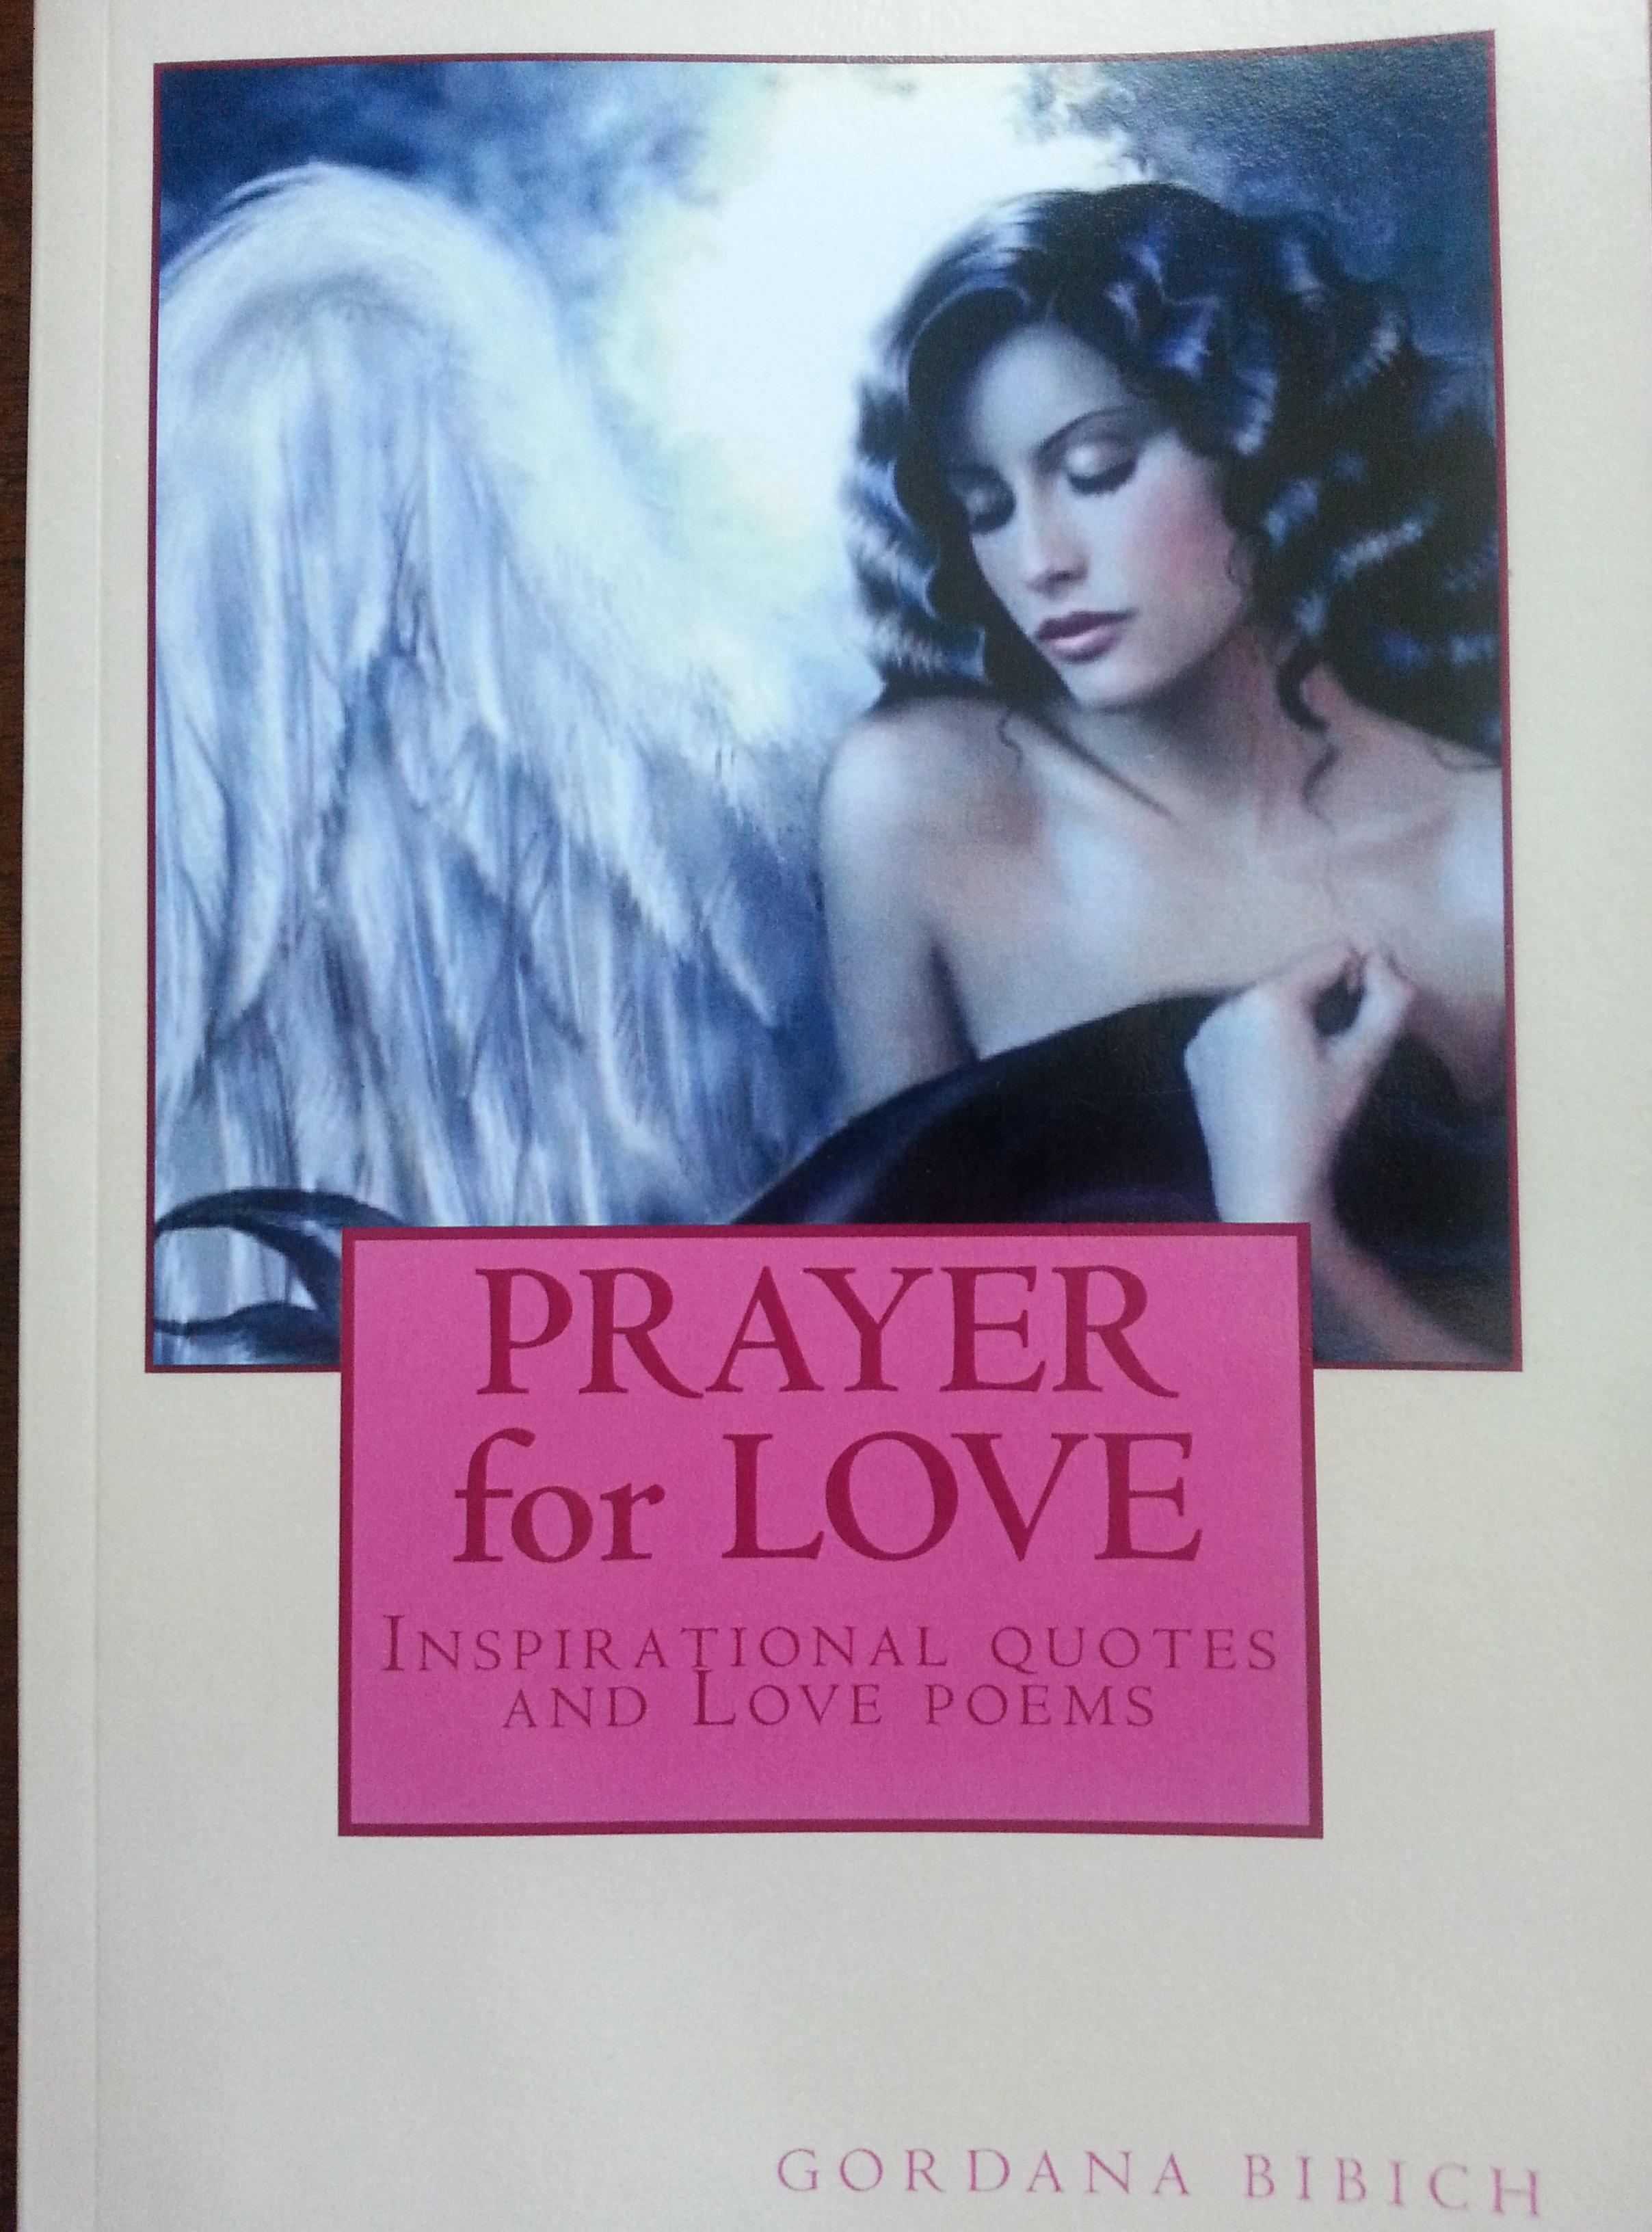 knjiga prayer for love